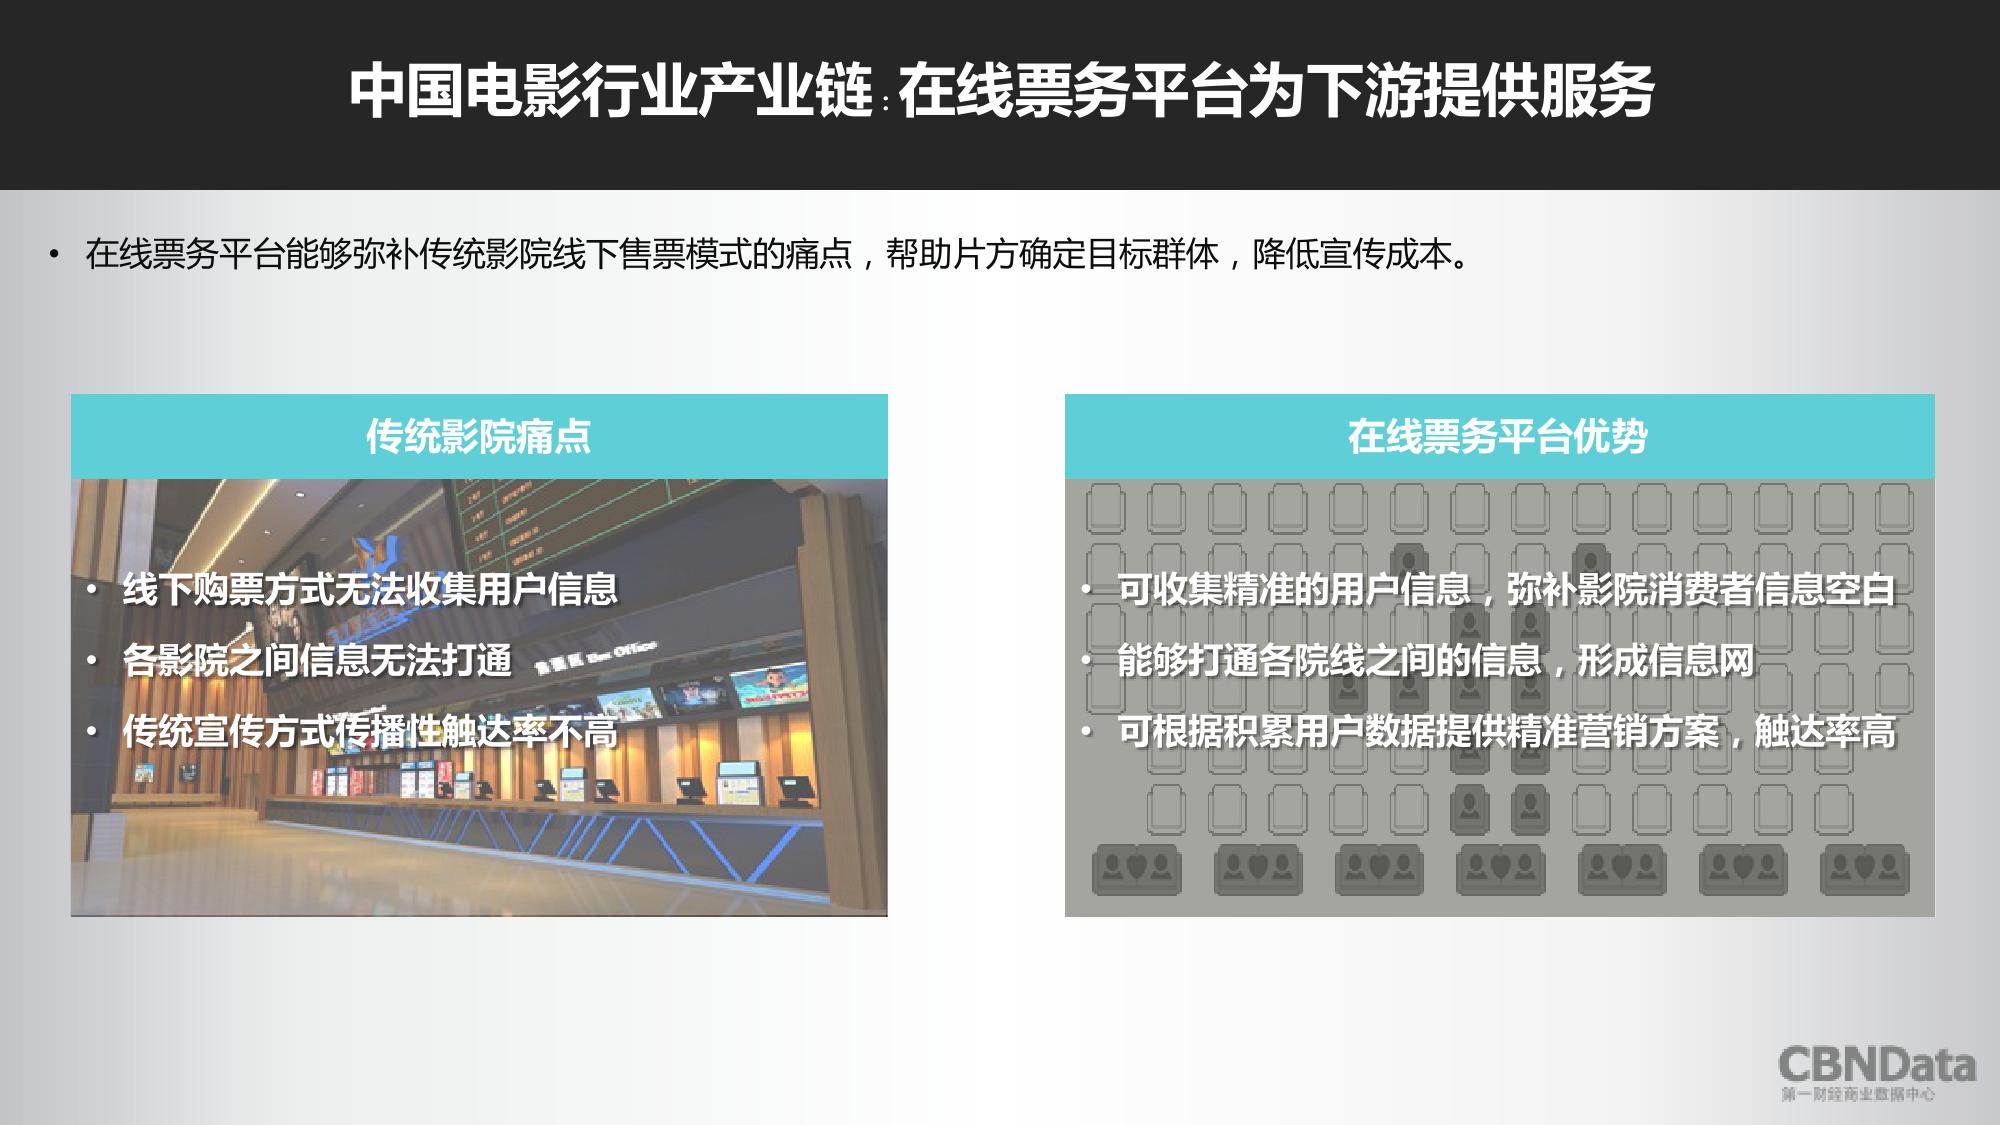 2016上半年中国在线票务平台大数据报告_000008